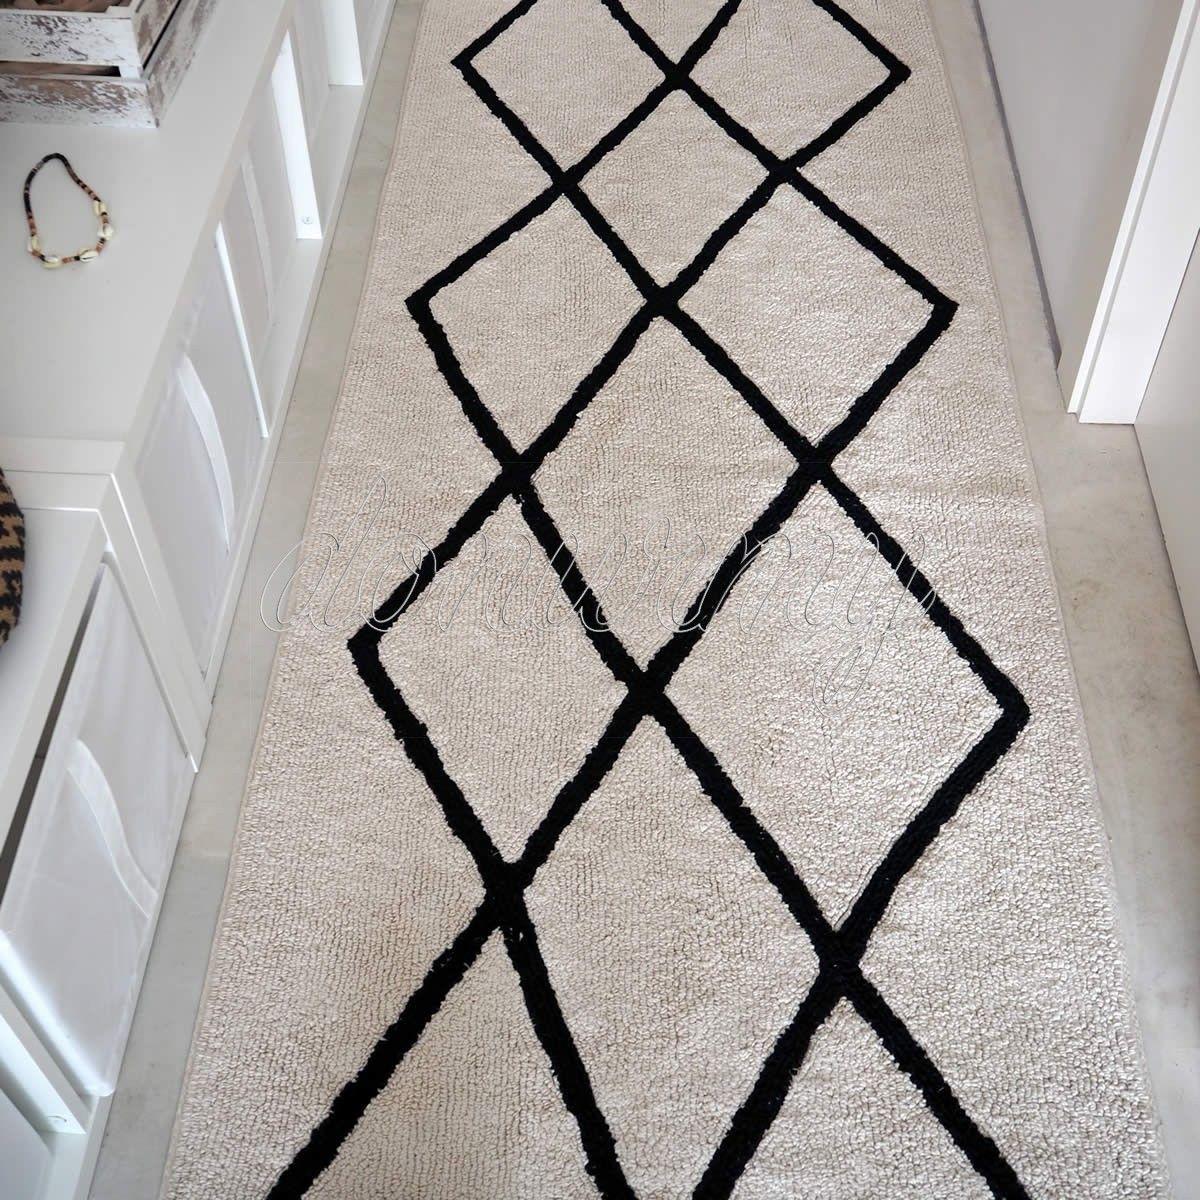 Alfombra bereber beige lorena canals alfombras pinterest alfombra bereber - Alfombras ninos baratas ...